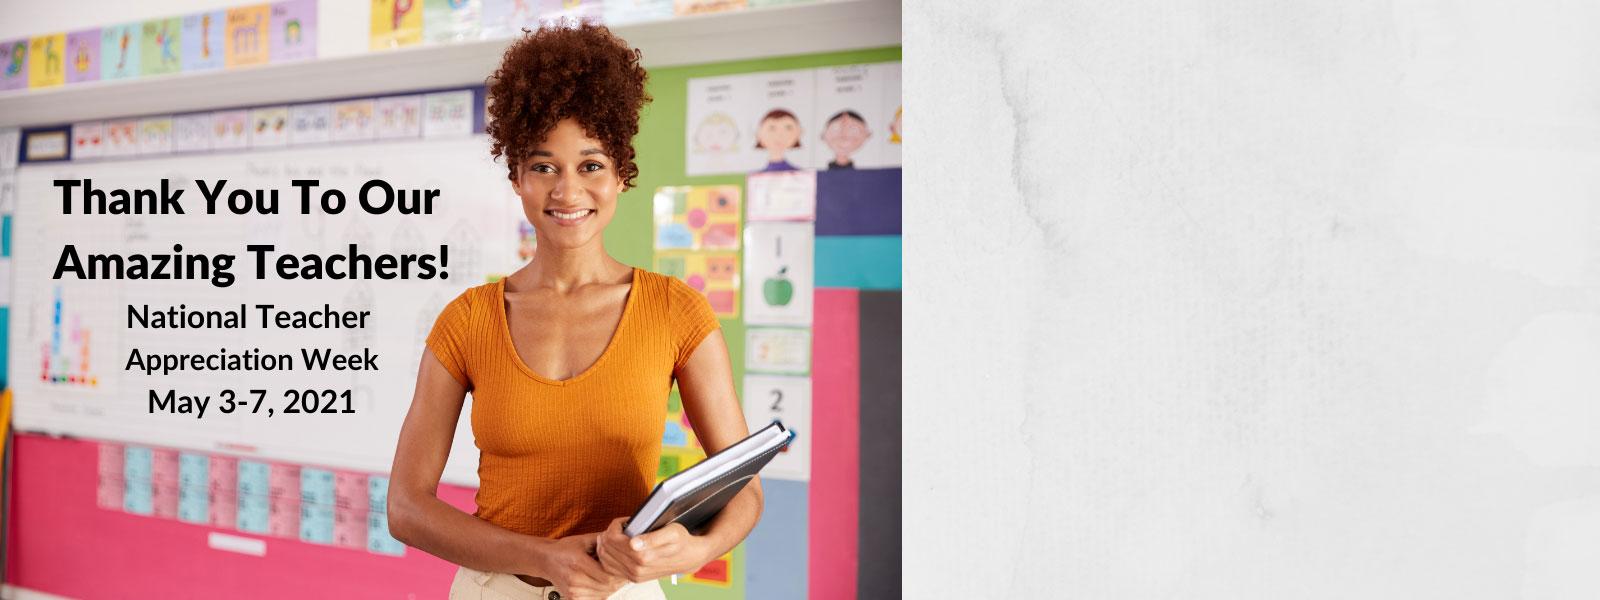 National Teacher Appreciation Week 2021